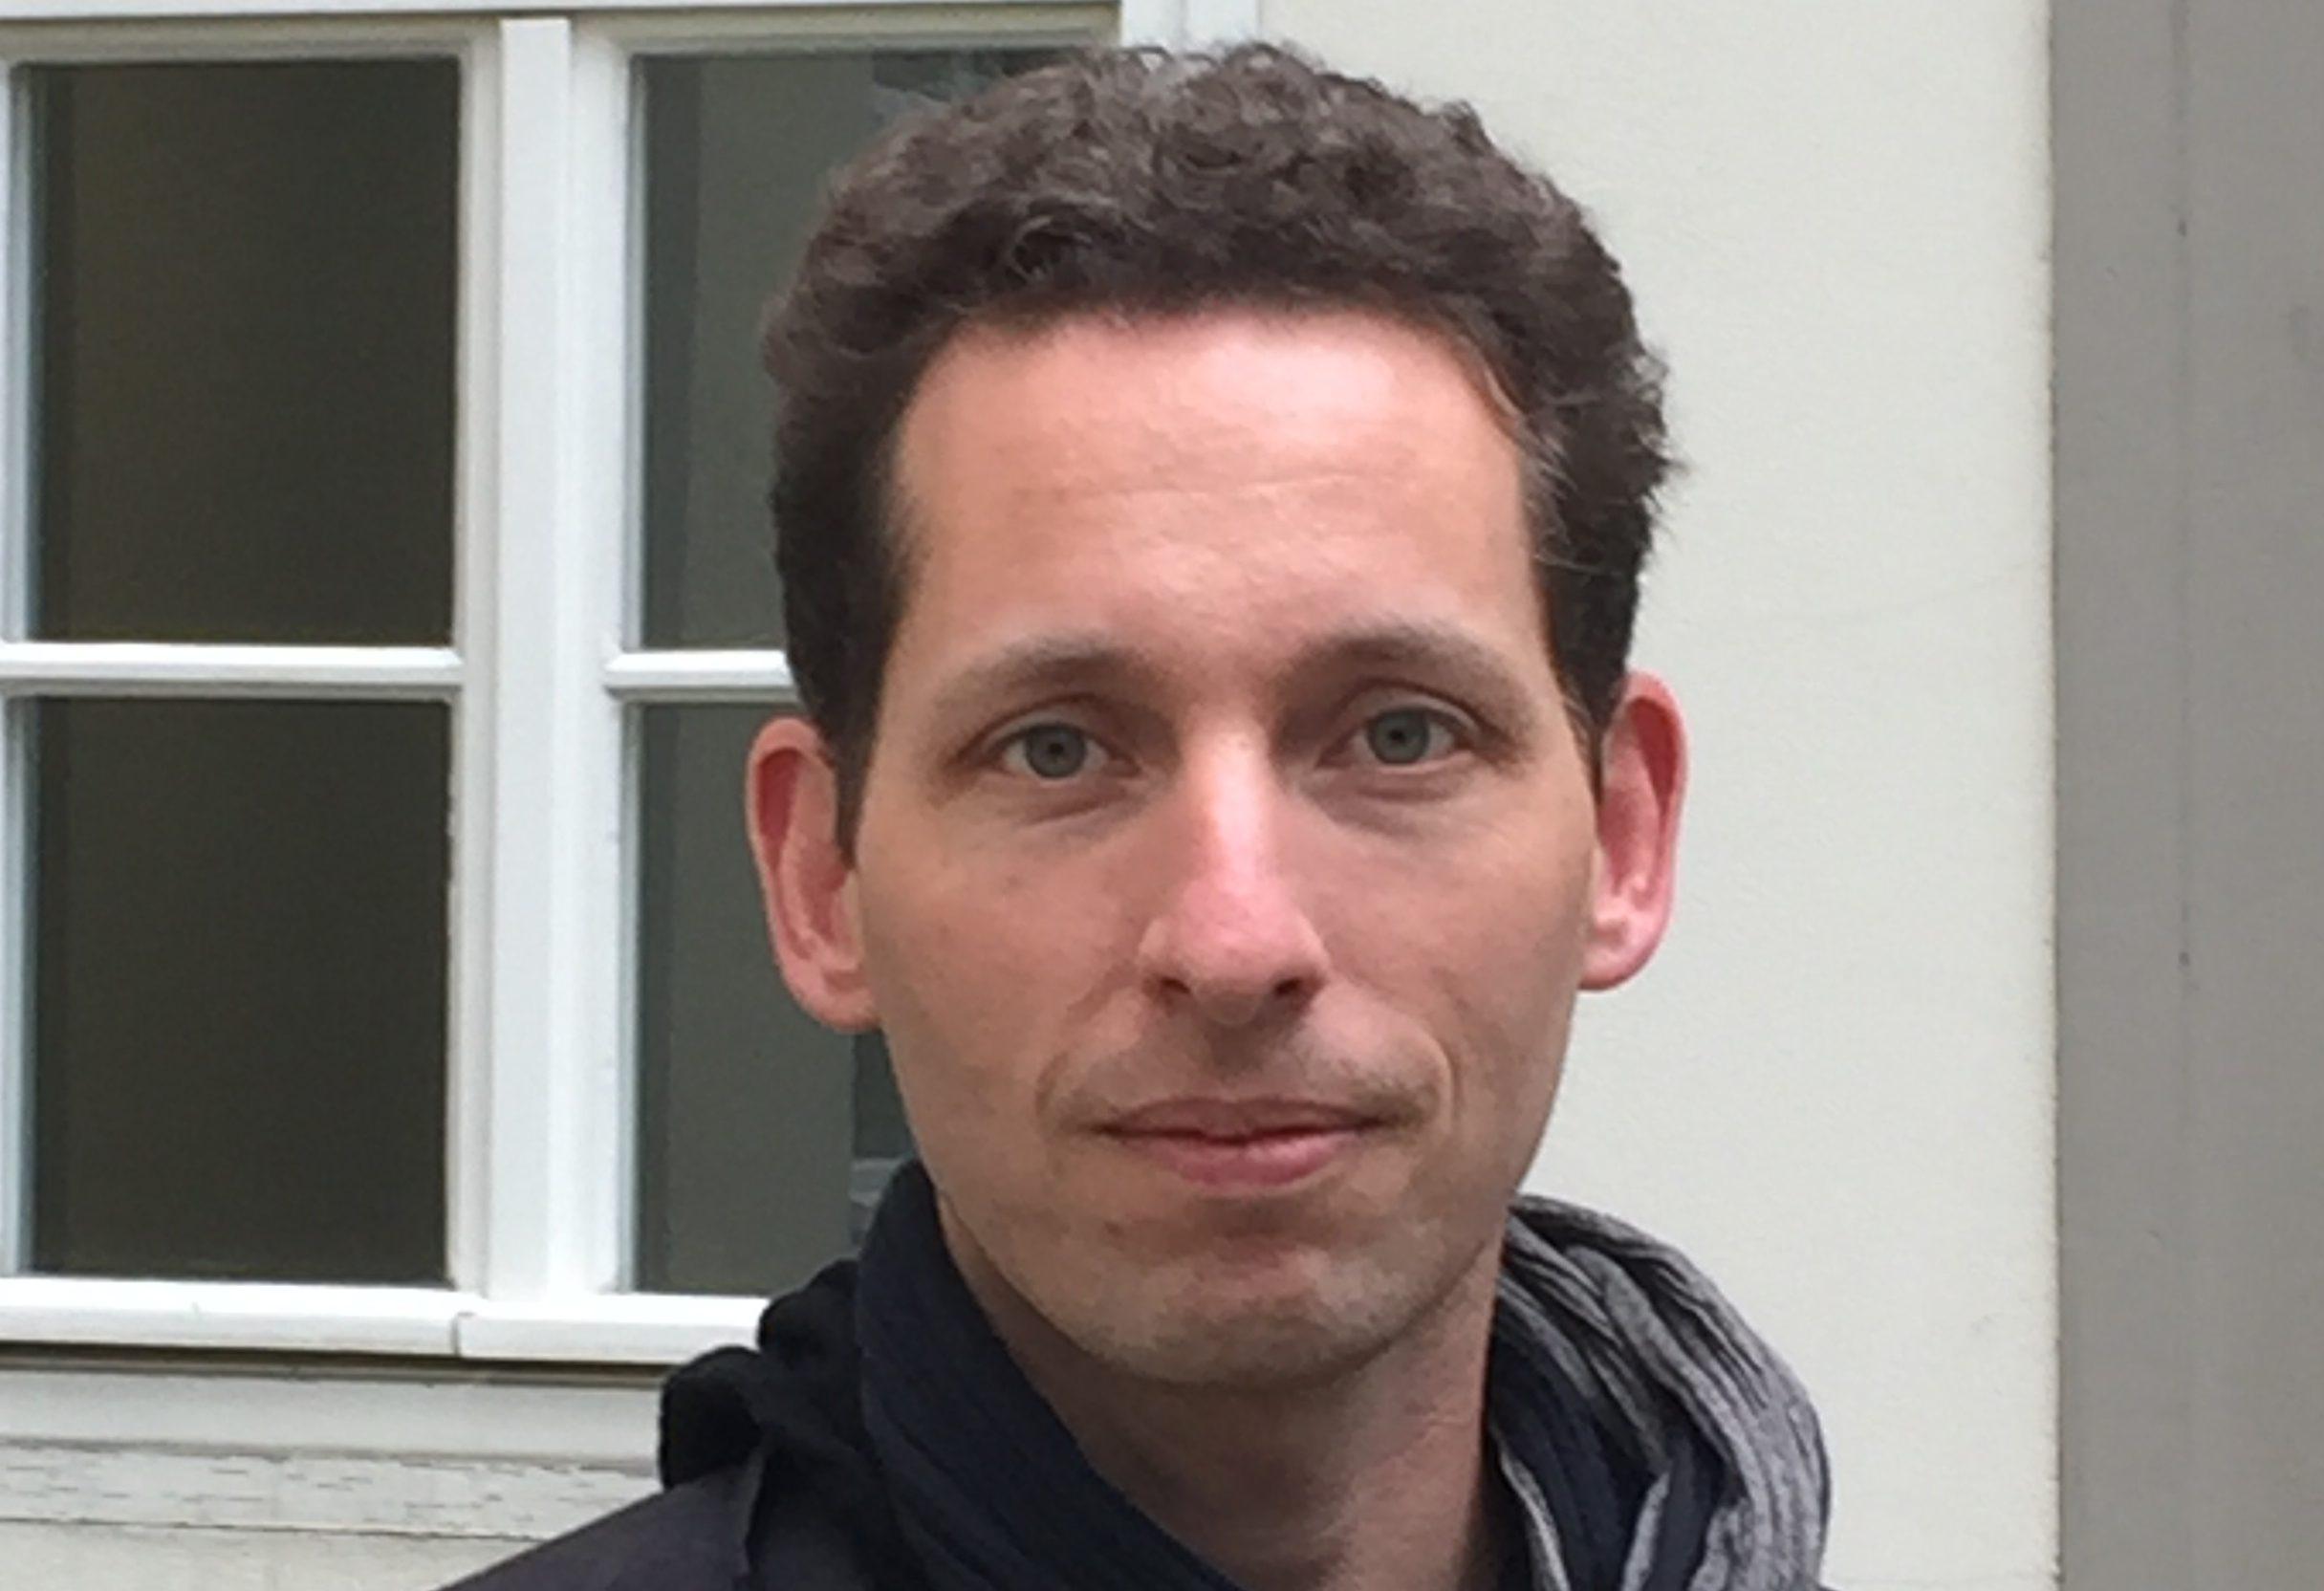 """Tilman Reitz ist Sprecher der Initiative """"Exzellenzkritik"""" und Professor für Soziologie in Jena. Bild: privat."""